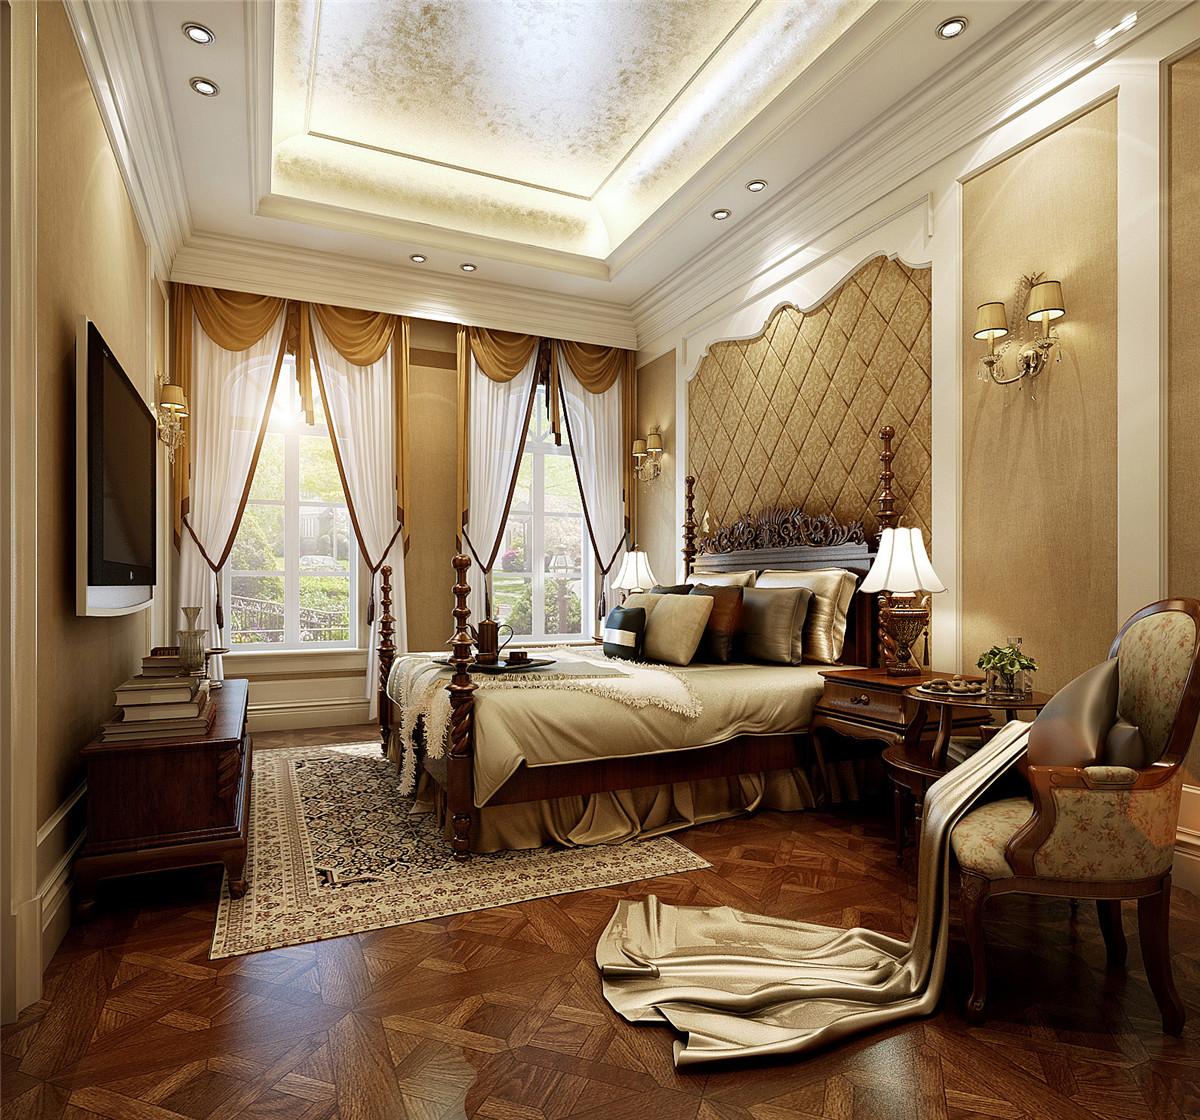 汤臣高尔夫 别墅装修 欧式古典 腾龙设计 卧室图片来自孔继民在汤臣高尔夫700平别墅欧式古典的分享